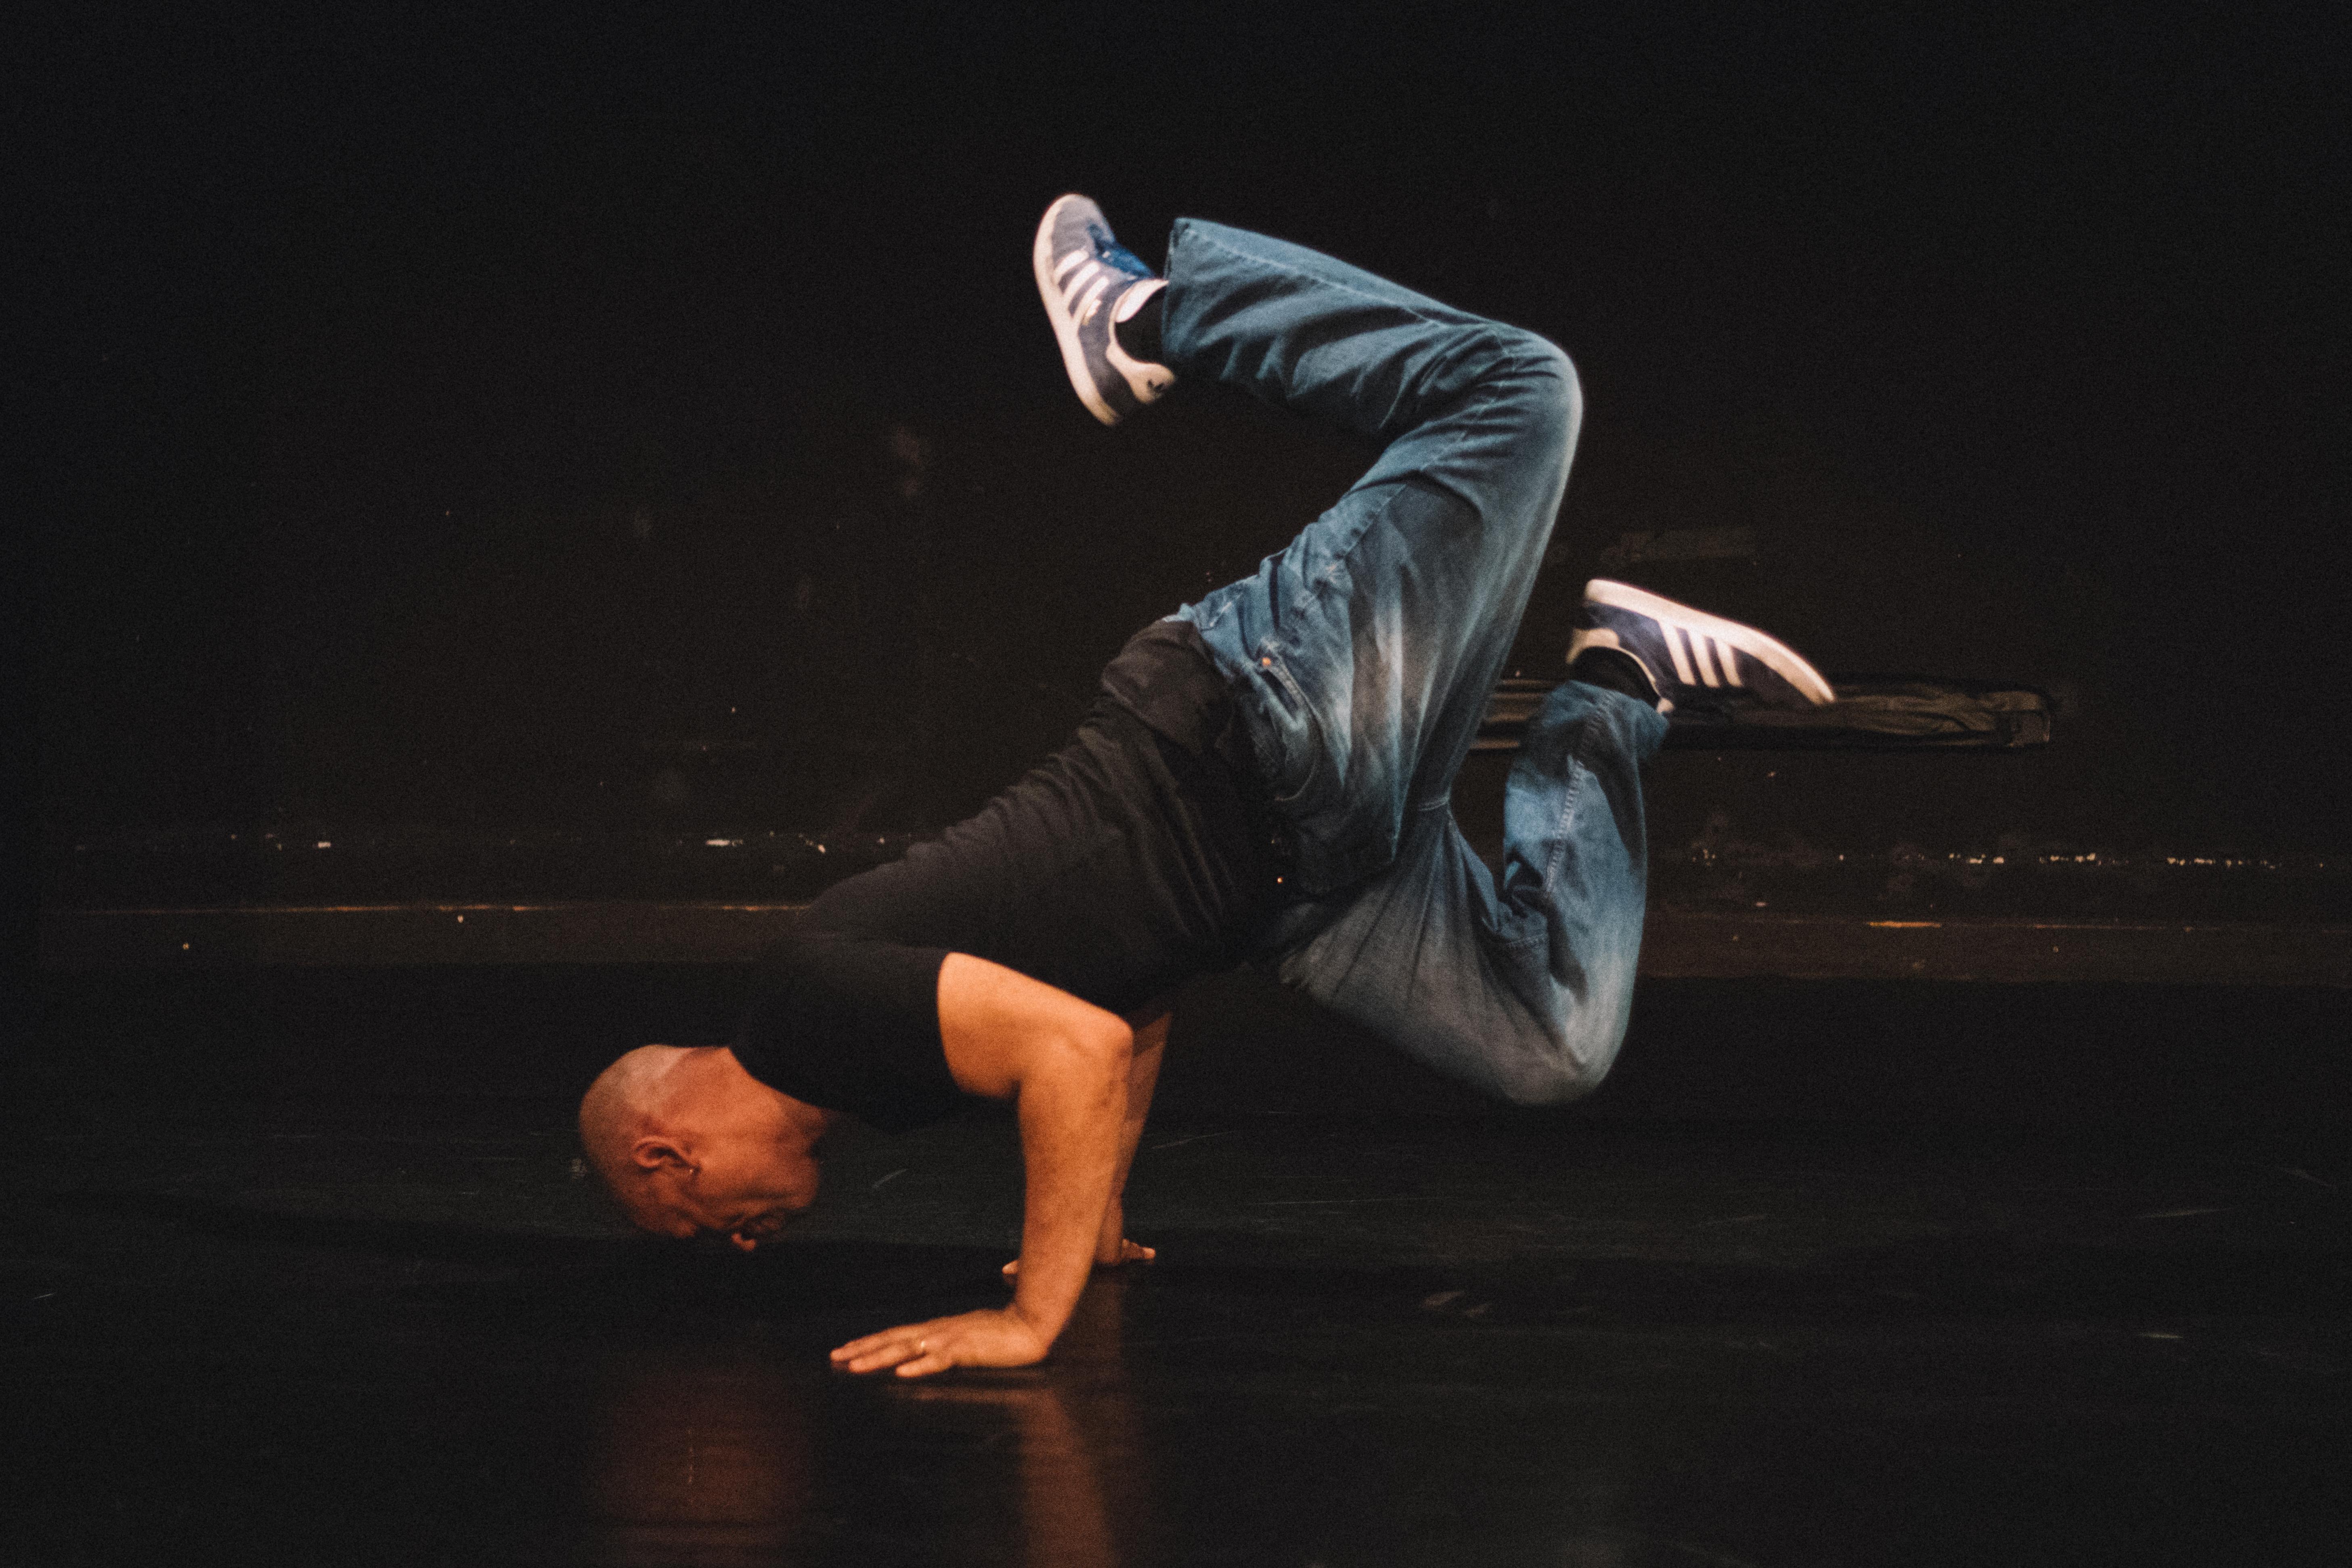 Un volet danse hip-hop dans le cadre de la Manifestation A l'ombre de…, avec Miguel Nosibor au MDAA